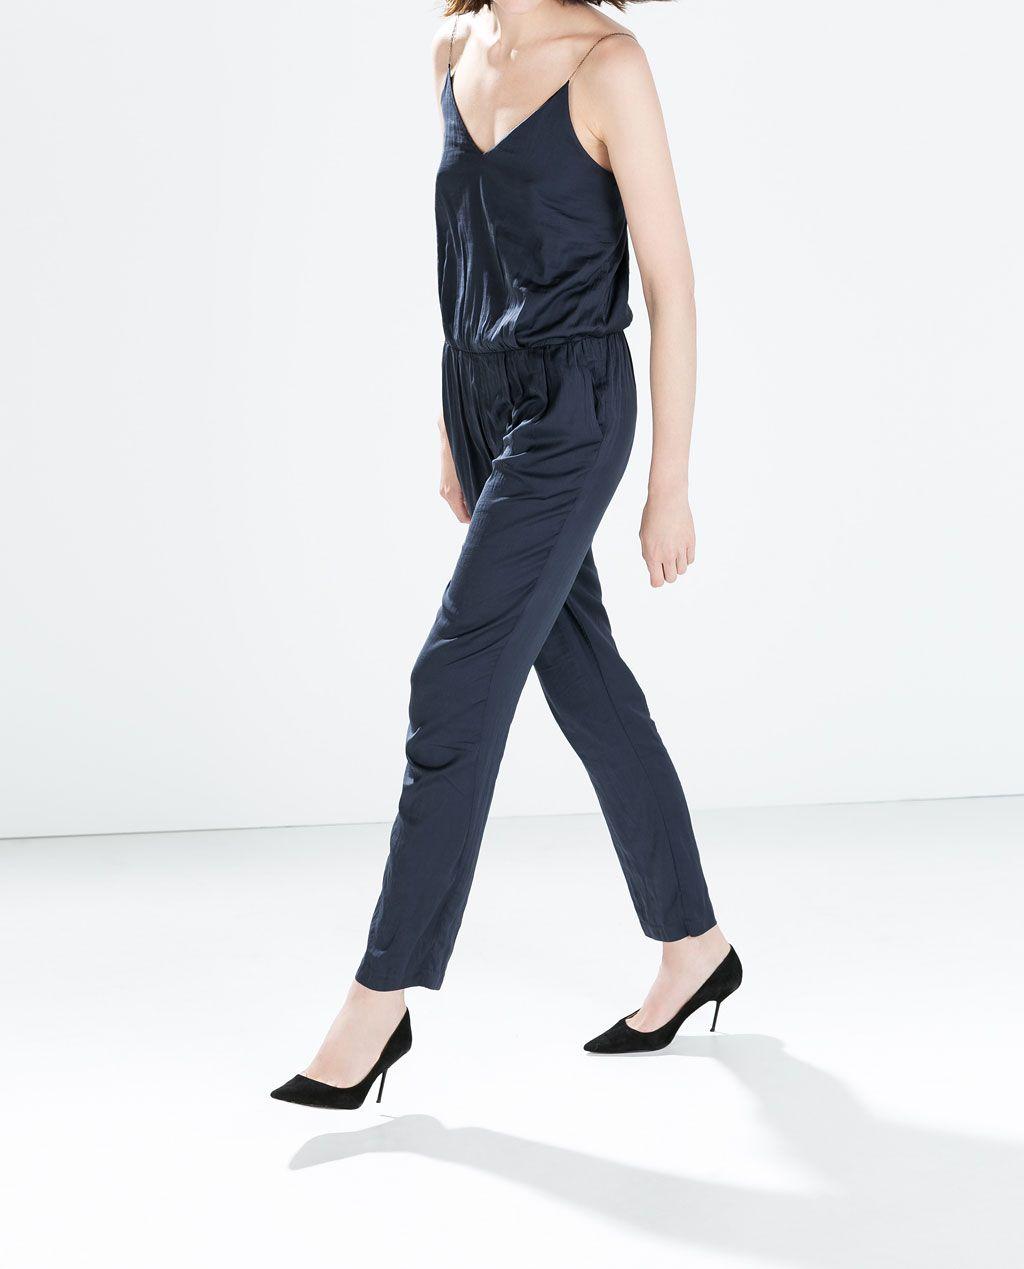 Catálogo de rebajas de Zara - Vestidos y monos